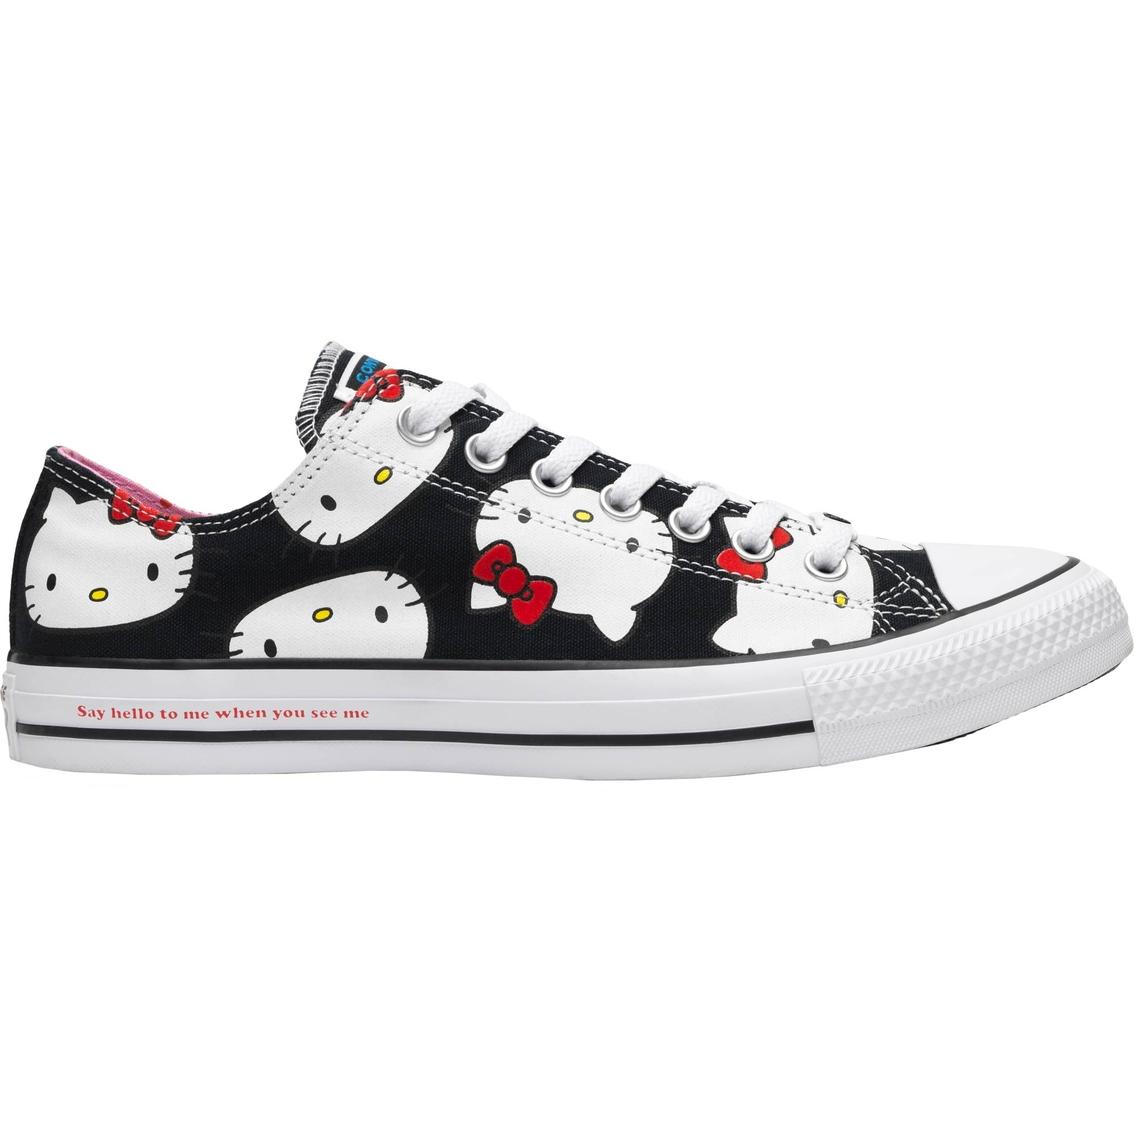 378e2ed60e09 Converse Women s Chuck Taylor All Star Oxford Sneakers